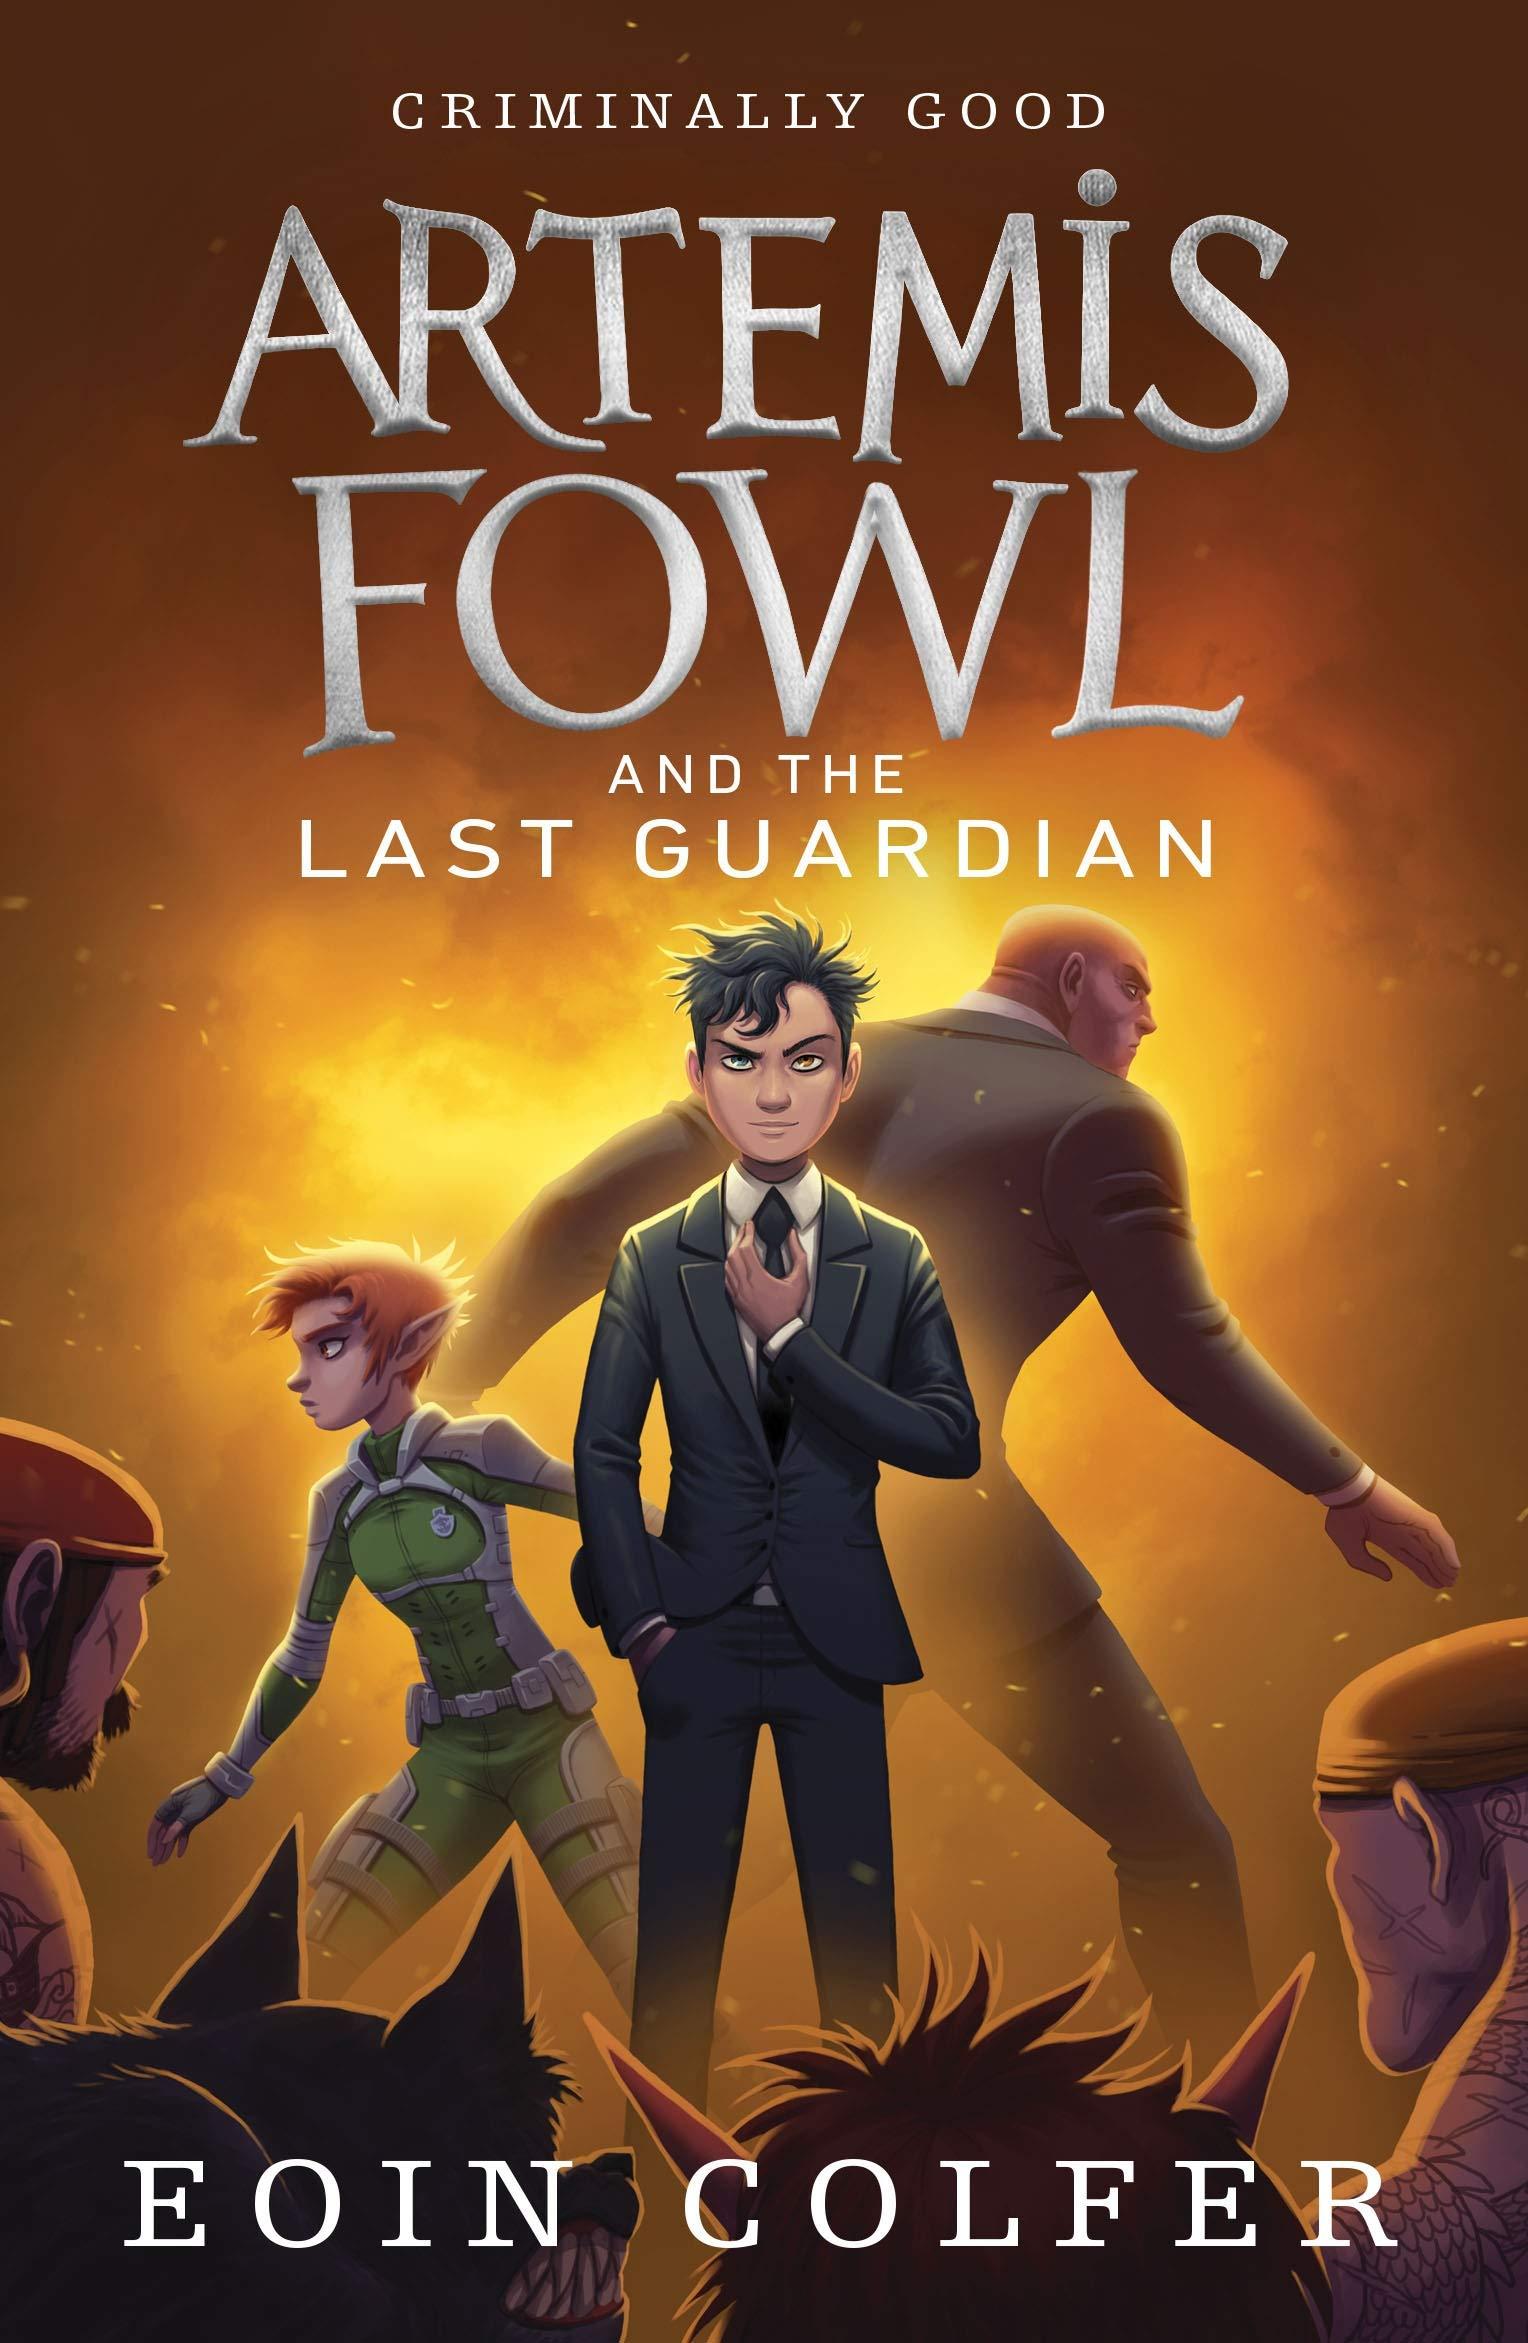 New Artemis Fowl UK Covers! | Artemis Fowl Confidential